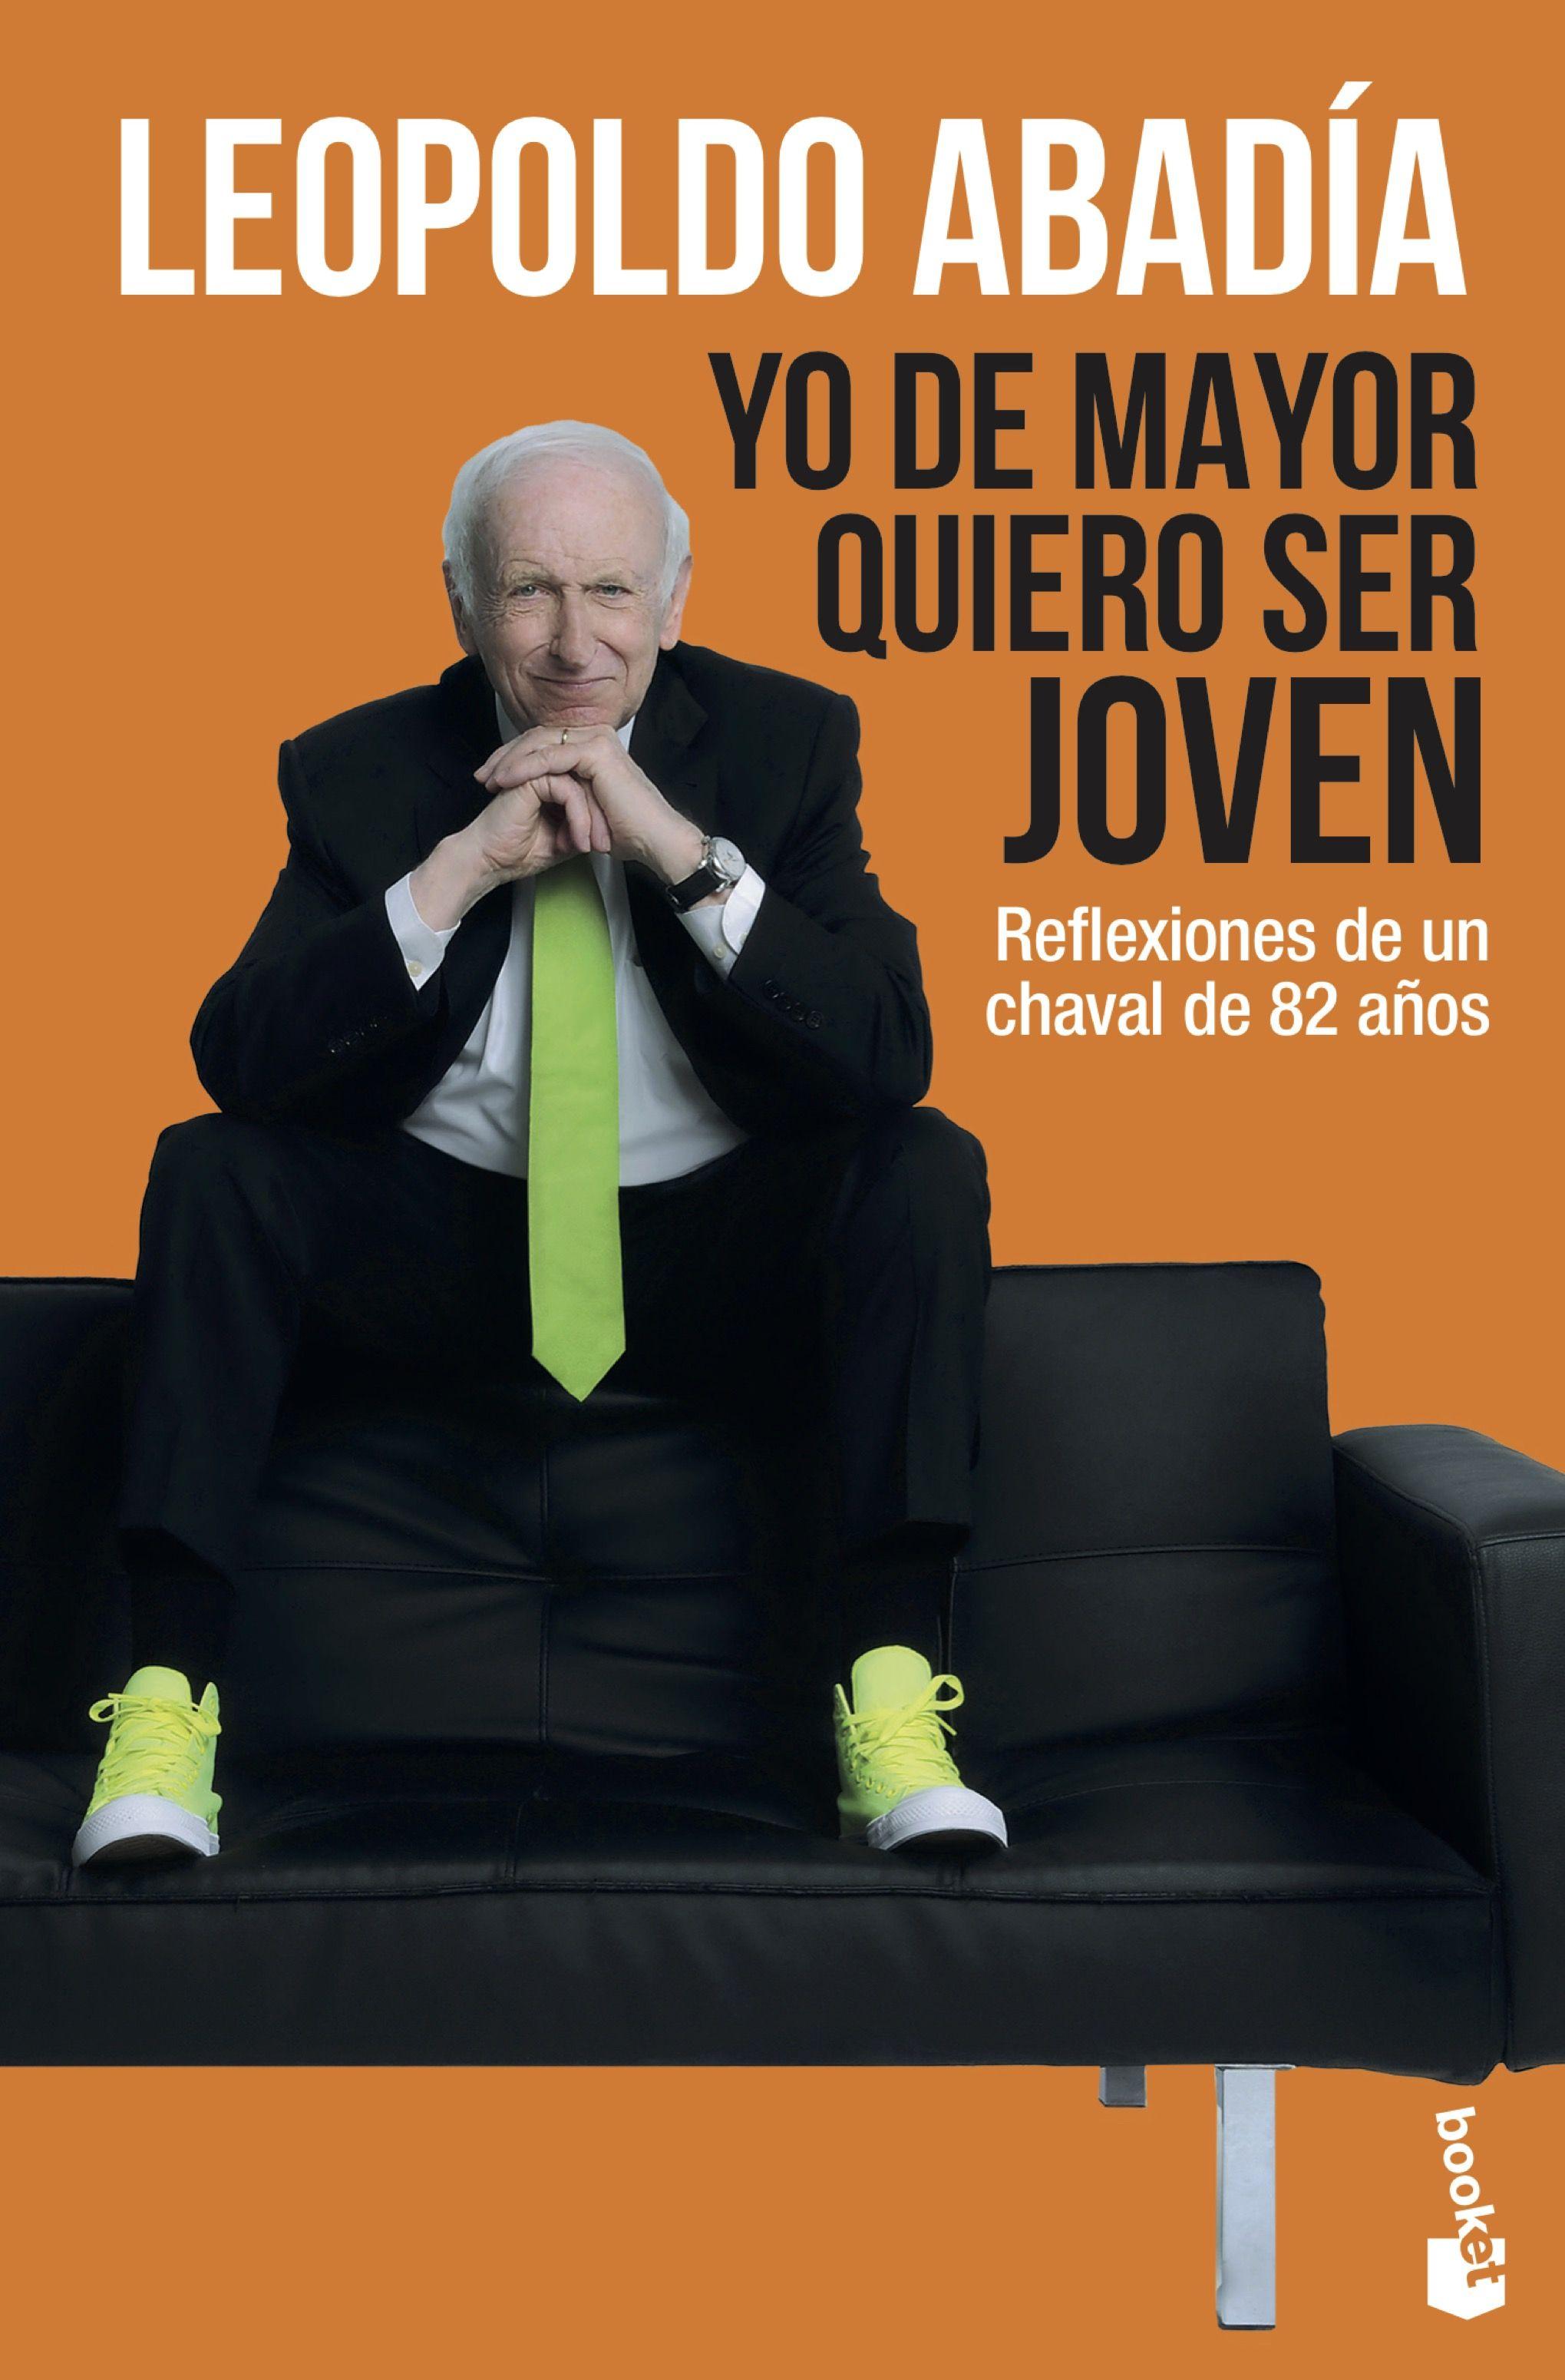 Yo De Mayor Quiero Ser Joven por Leopoldo Abadia